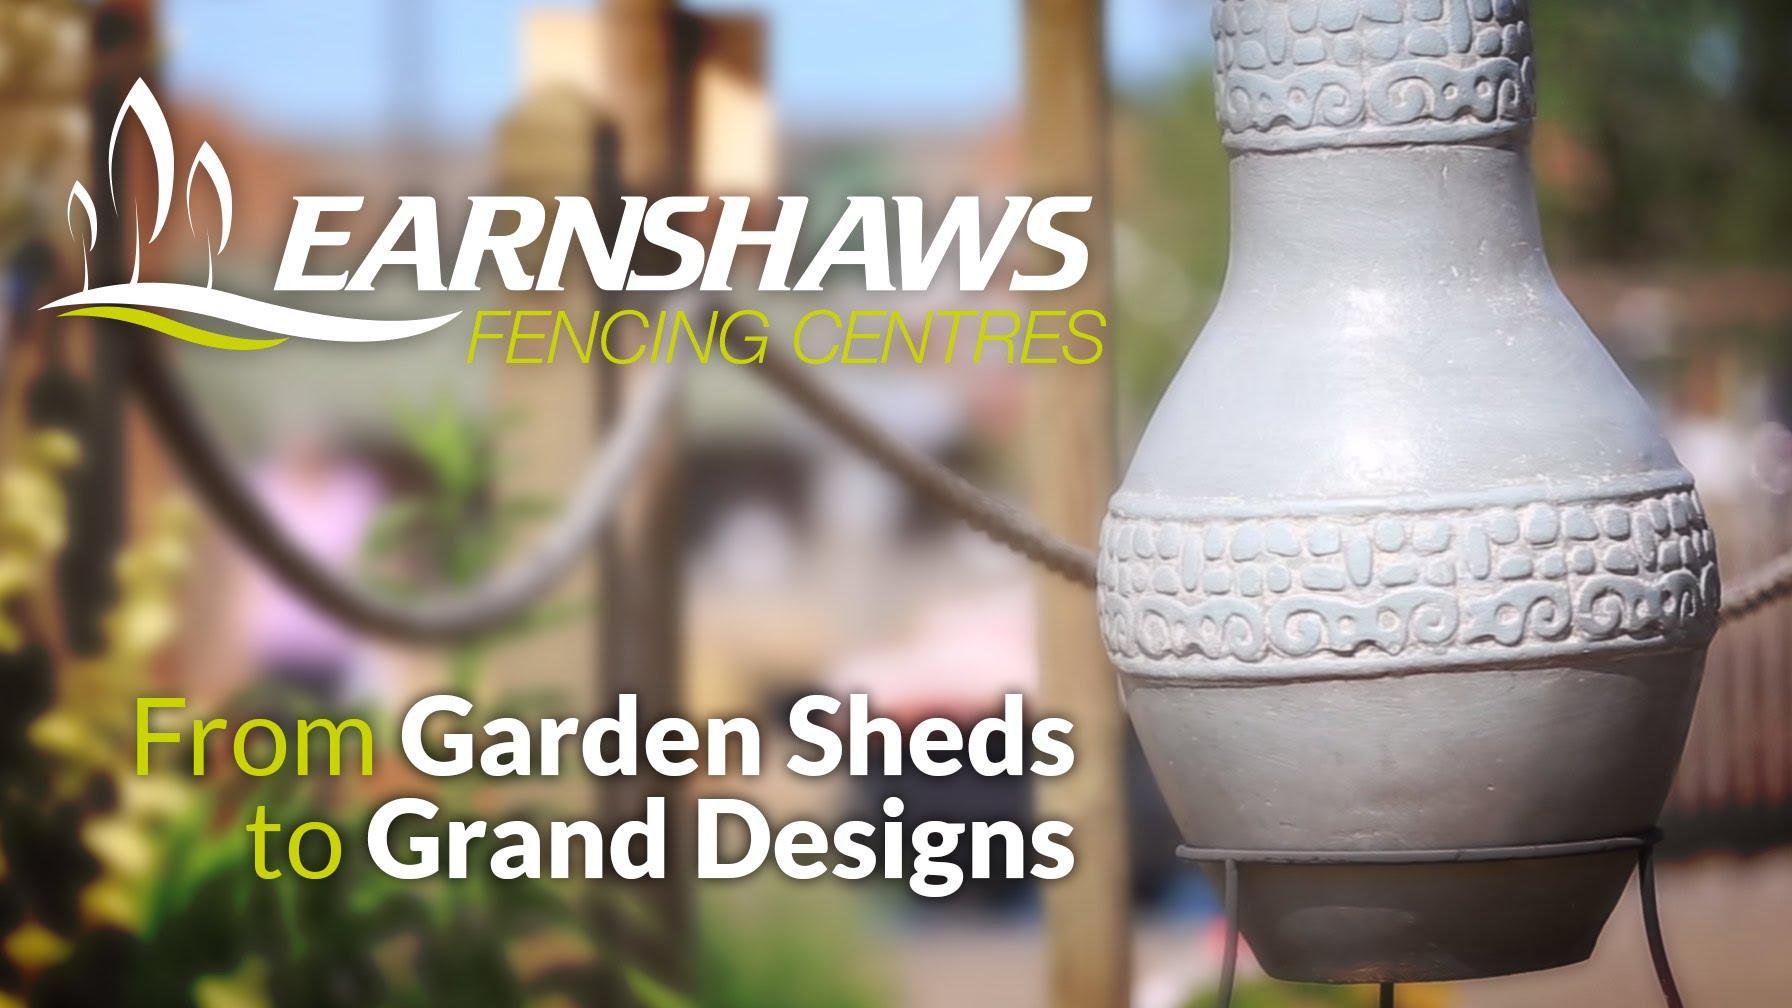 Garden Sheds to Grand Designs